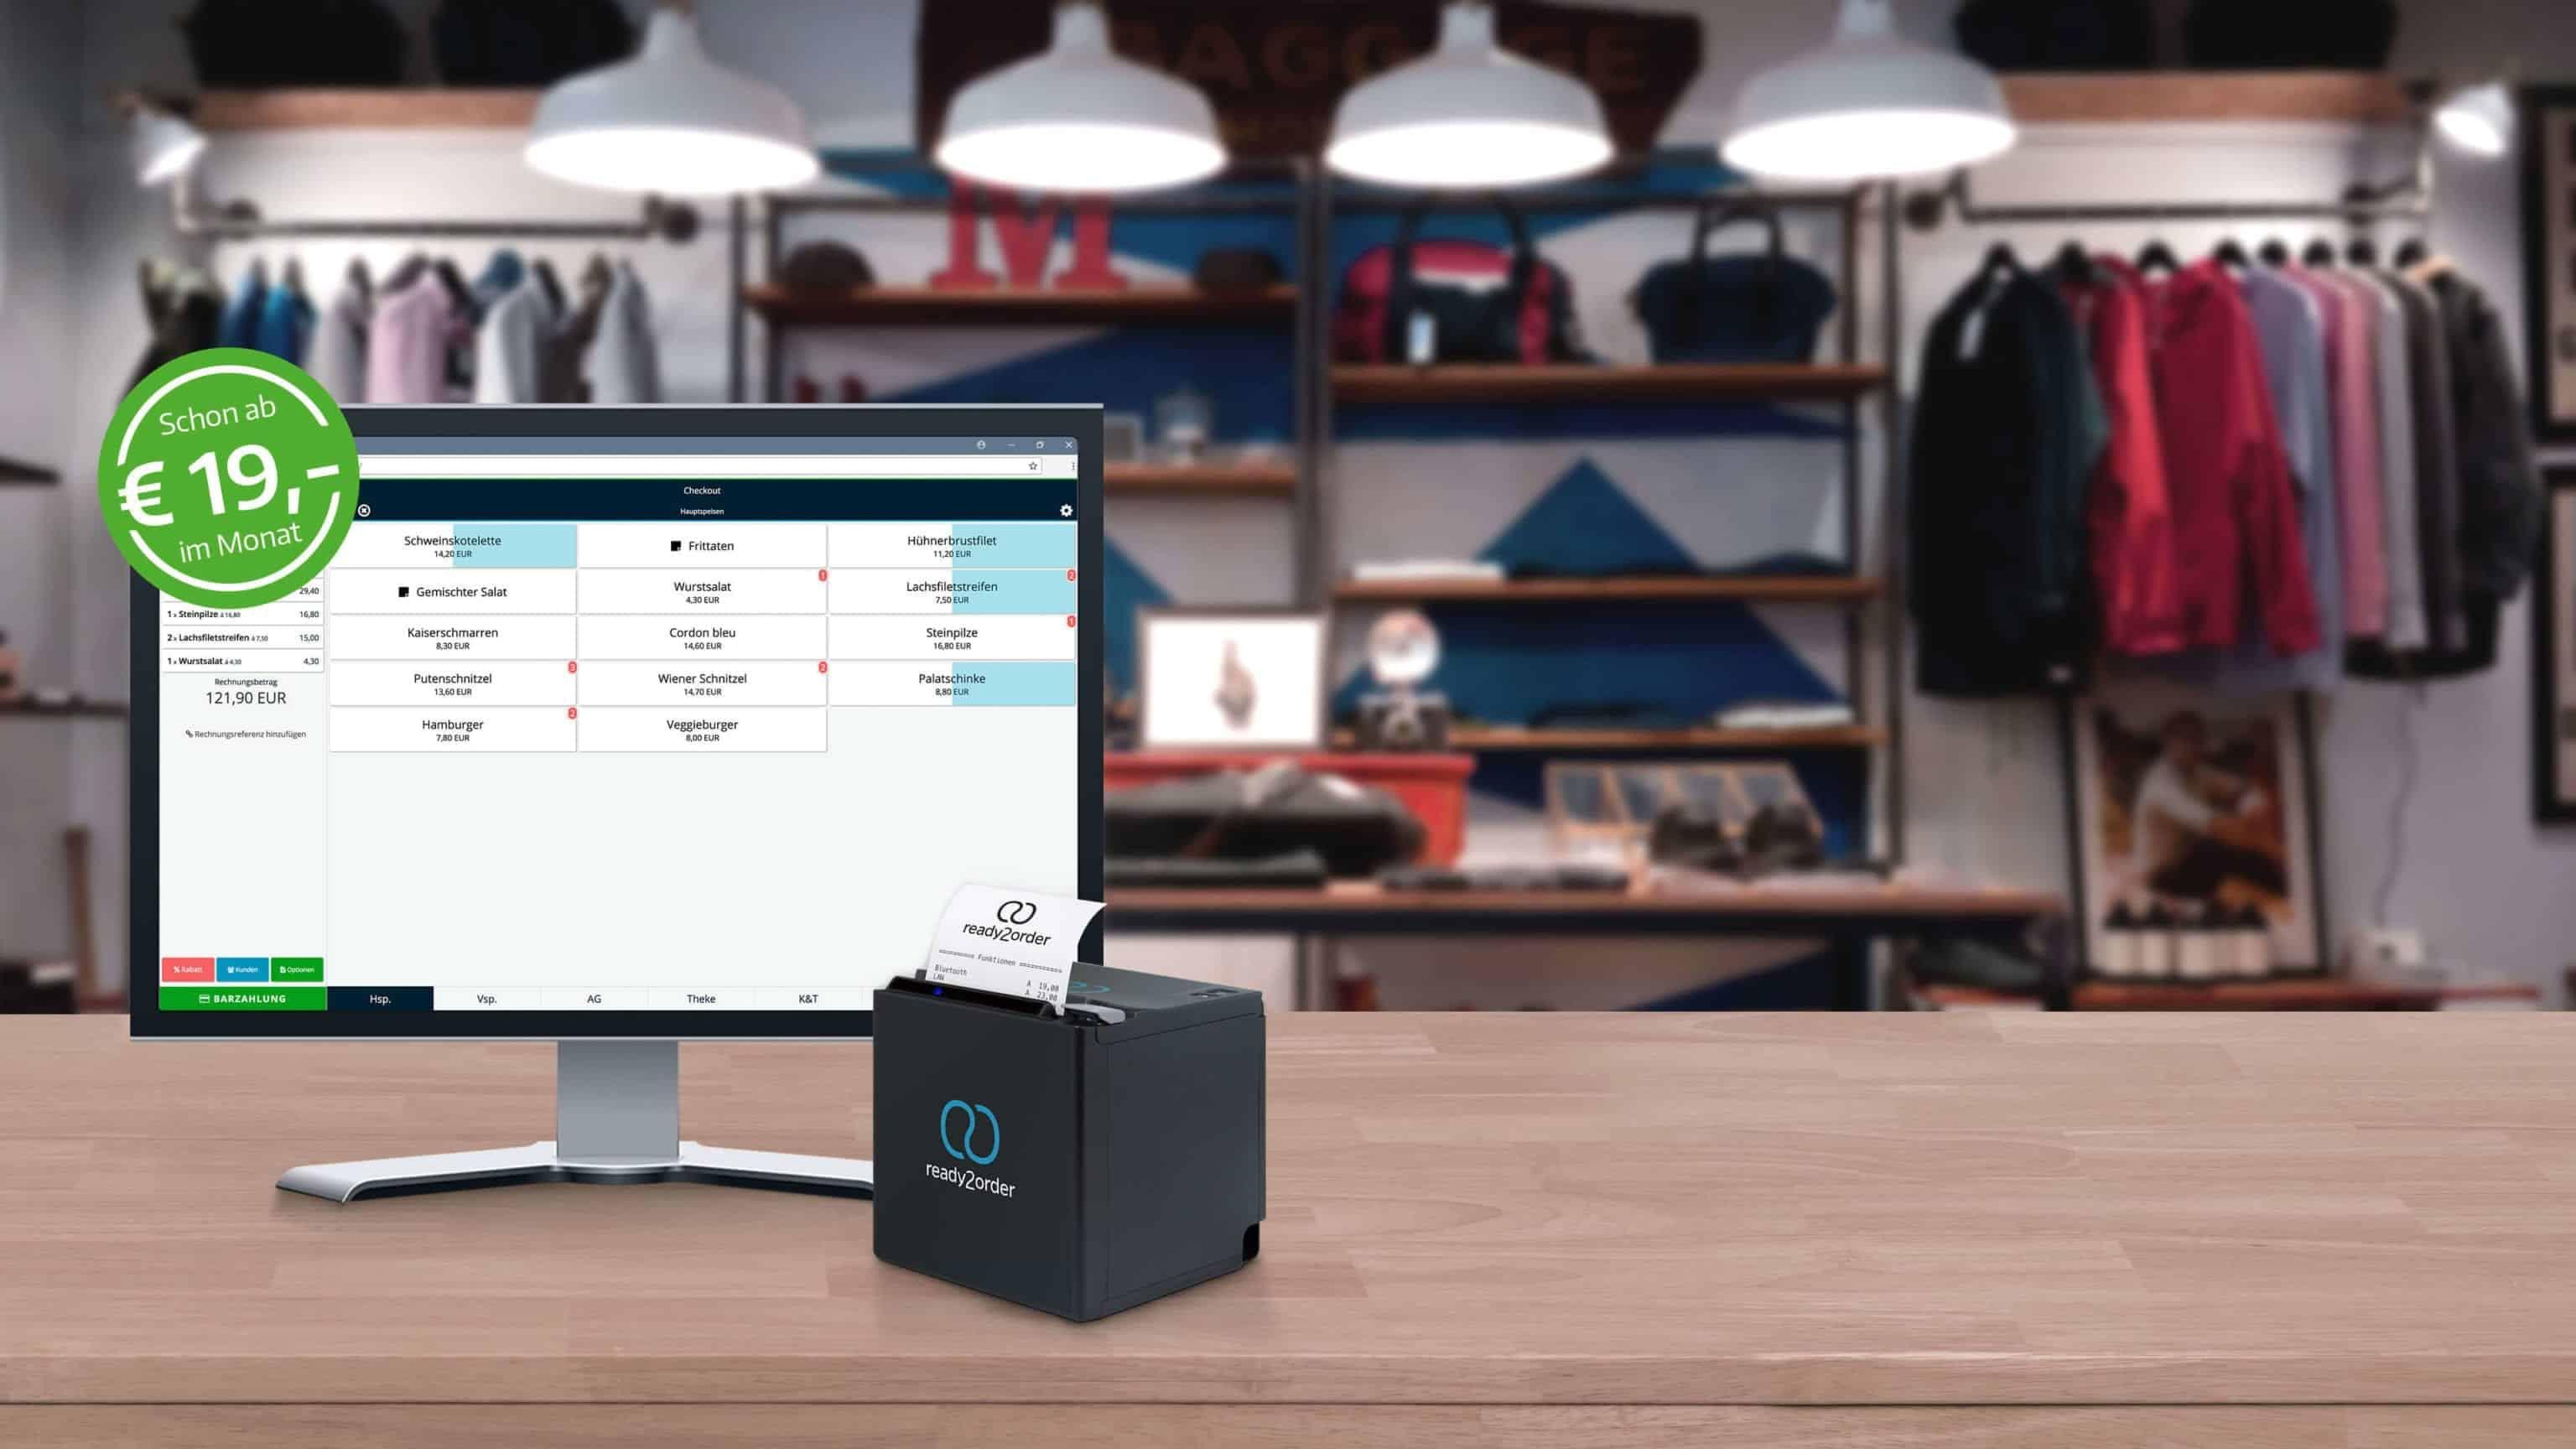 Registrierkasse Einzelhandel - Benutzeroberfläche auf Monitor mit Bondrucker und Bekleidung im Hintergrund